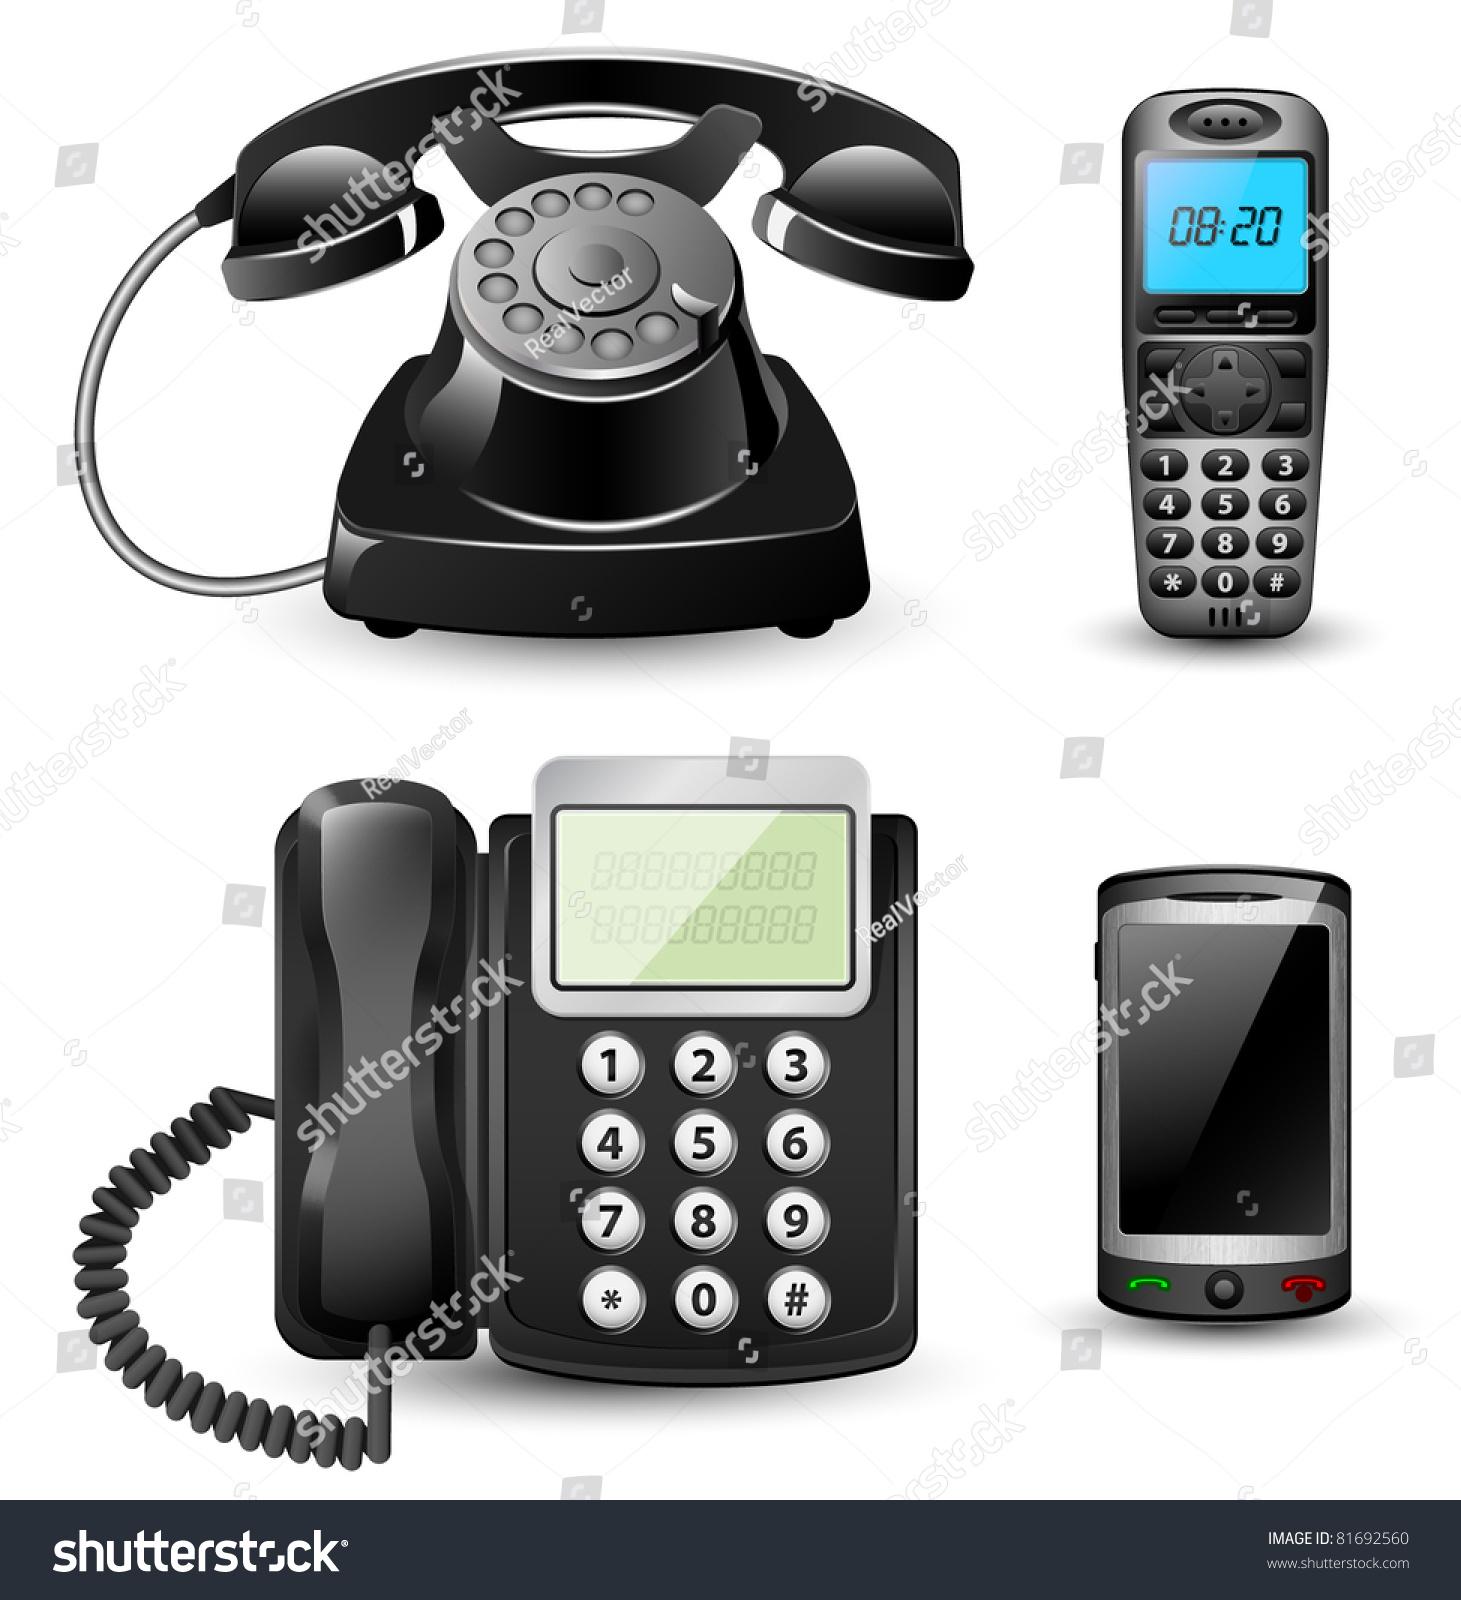 Сайты для телефона 18 4 фотография